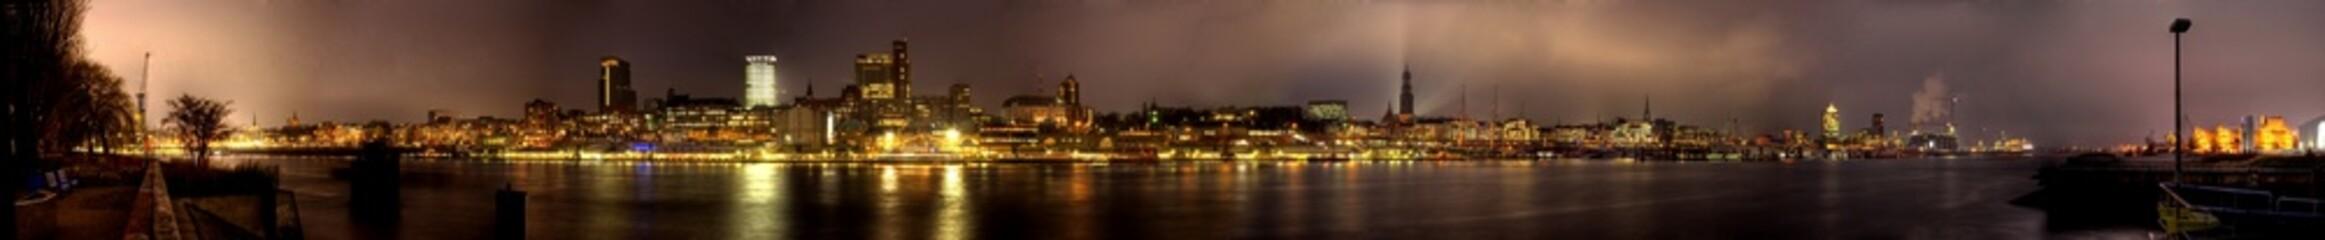 Landungsbrücken,Hamburg Skyline, Nacht